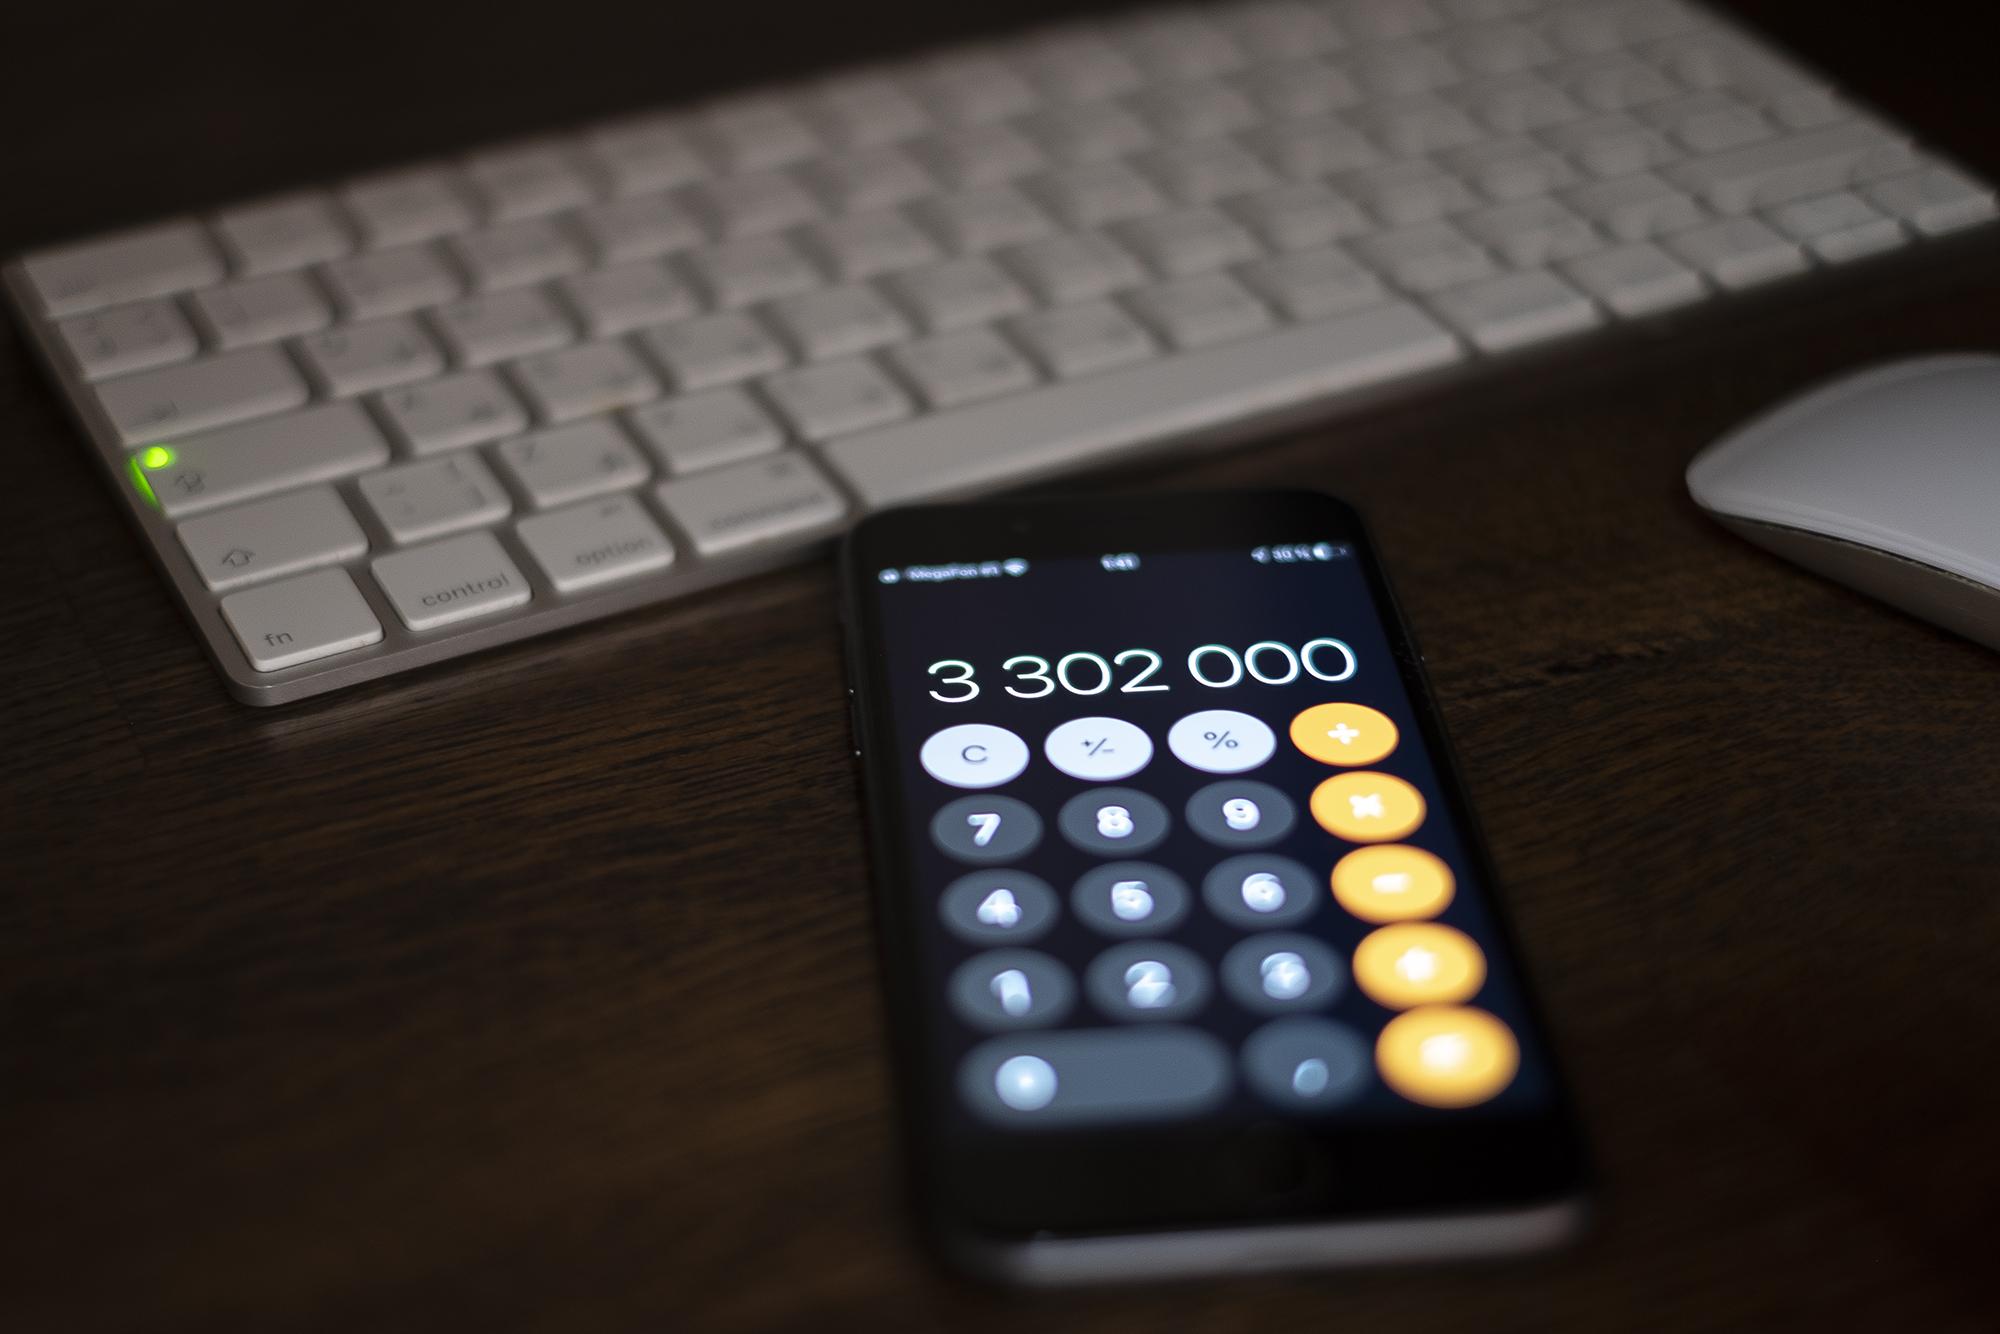 Самый прибыльный блог в Живом Журнале - 3,3 млн руб в месяц